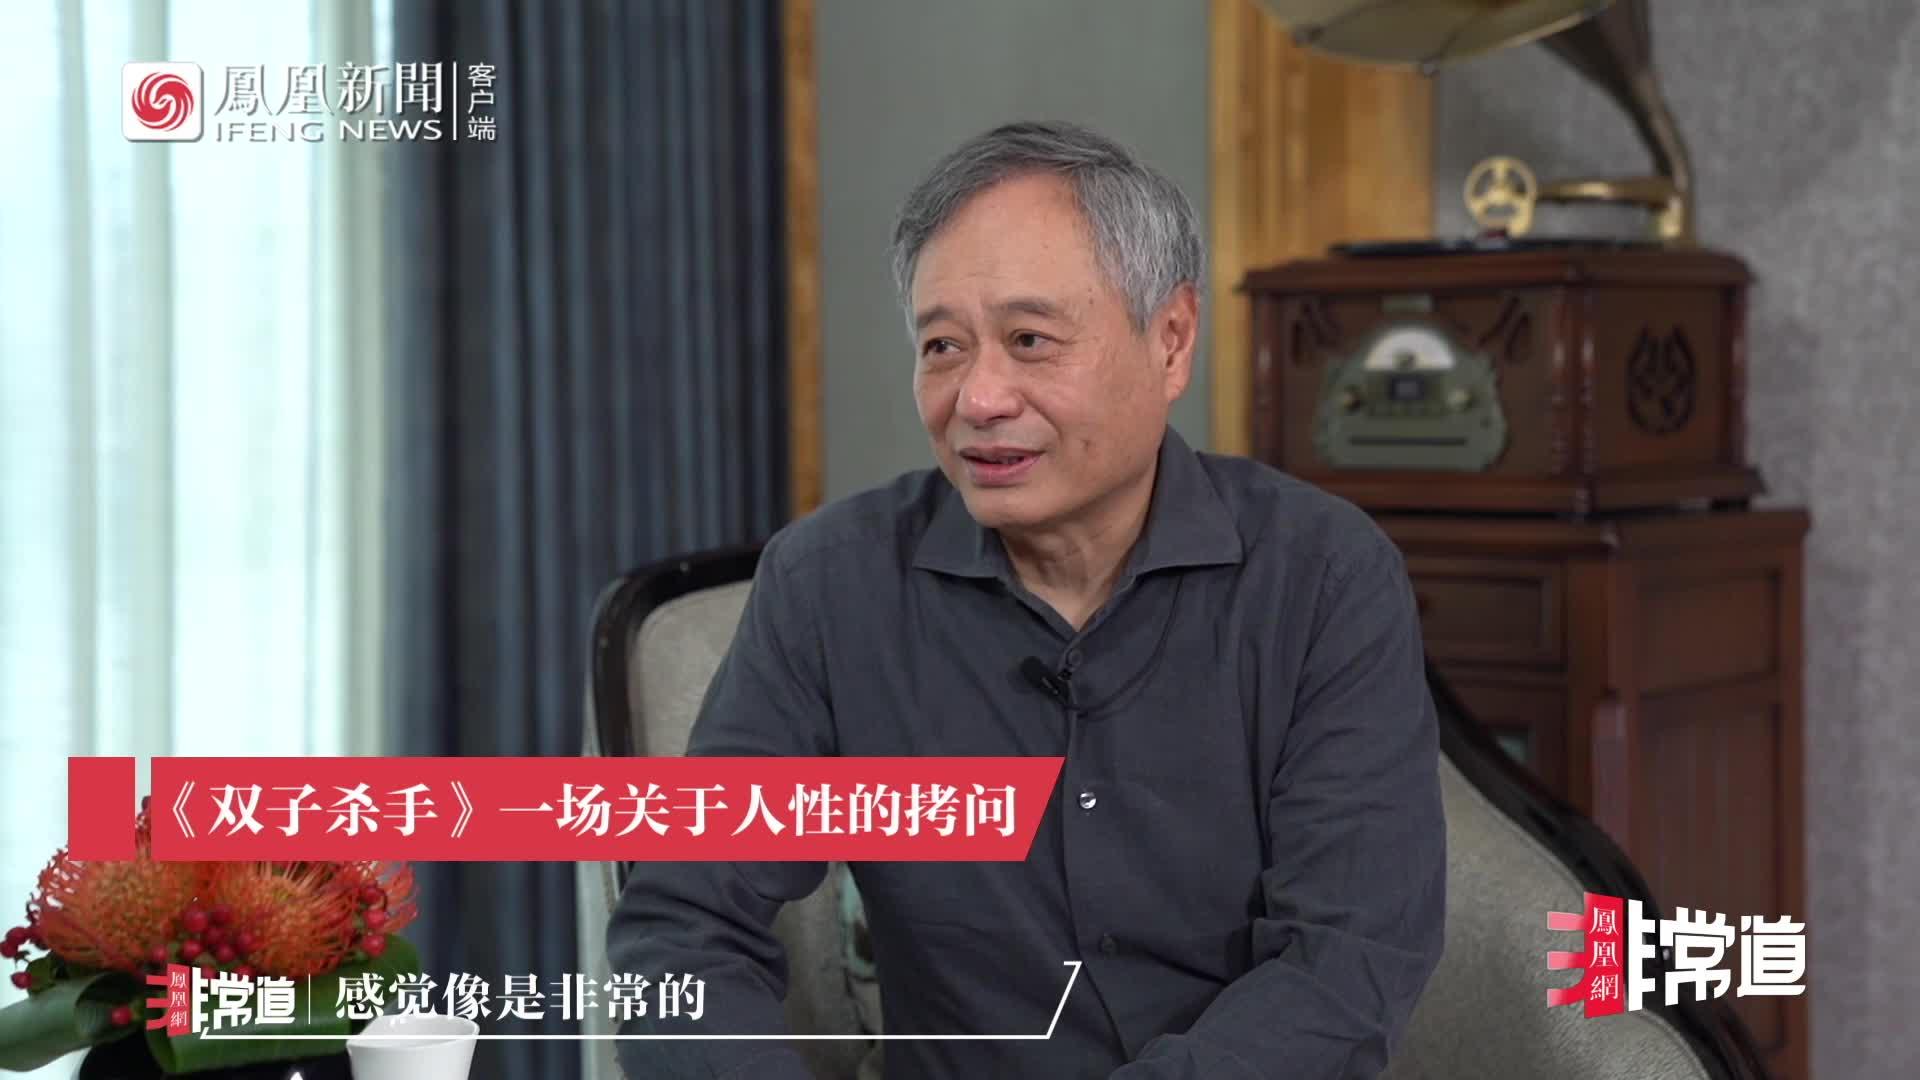 李安:新片《双子杀手》是关于人性的拷问 丨凤凰网非常道